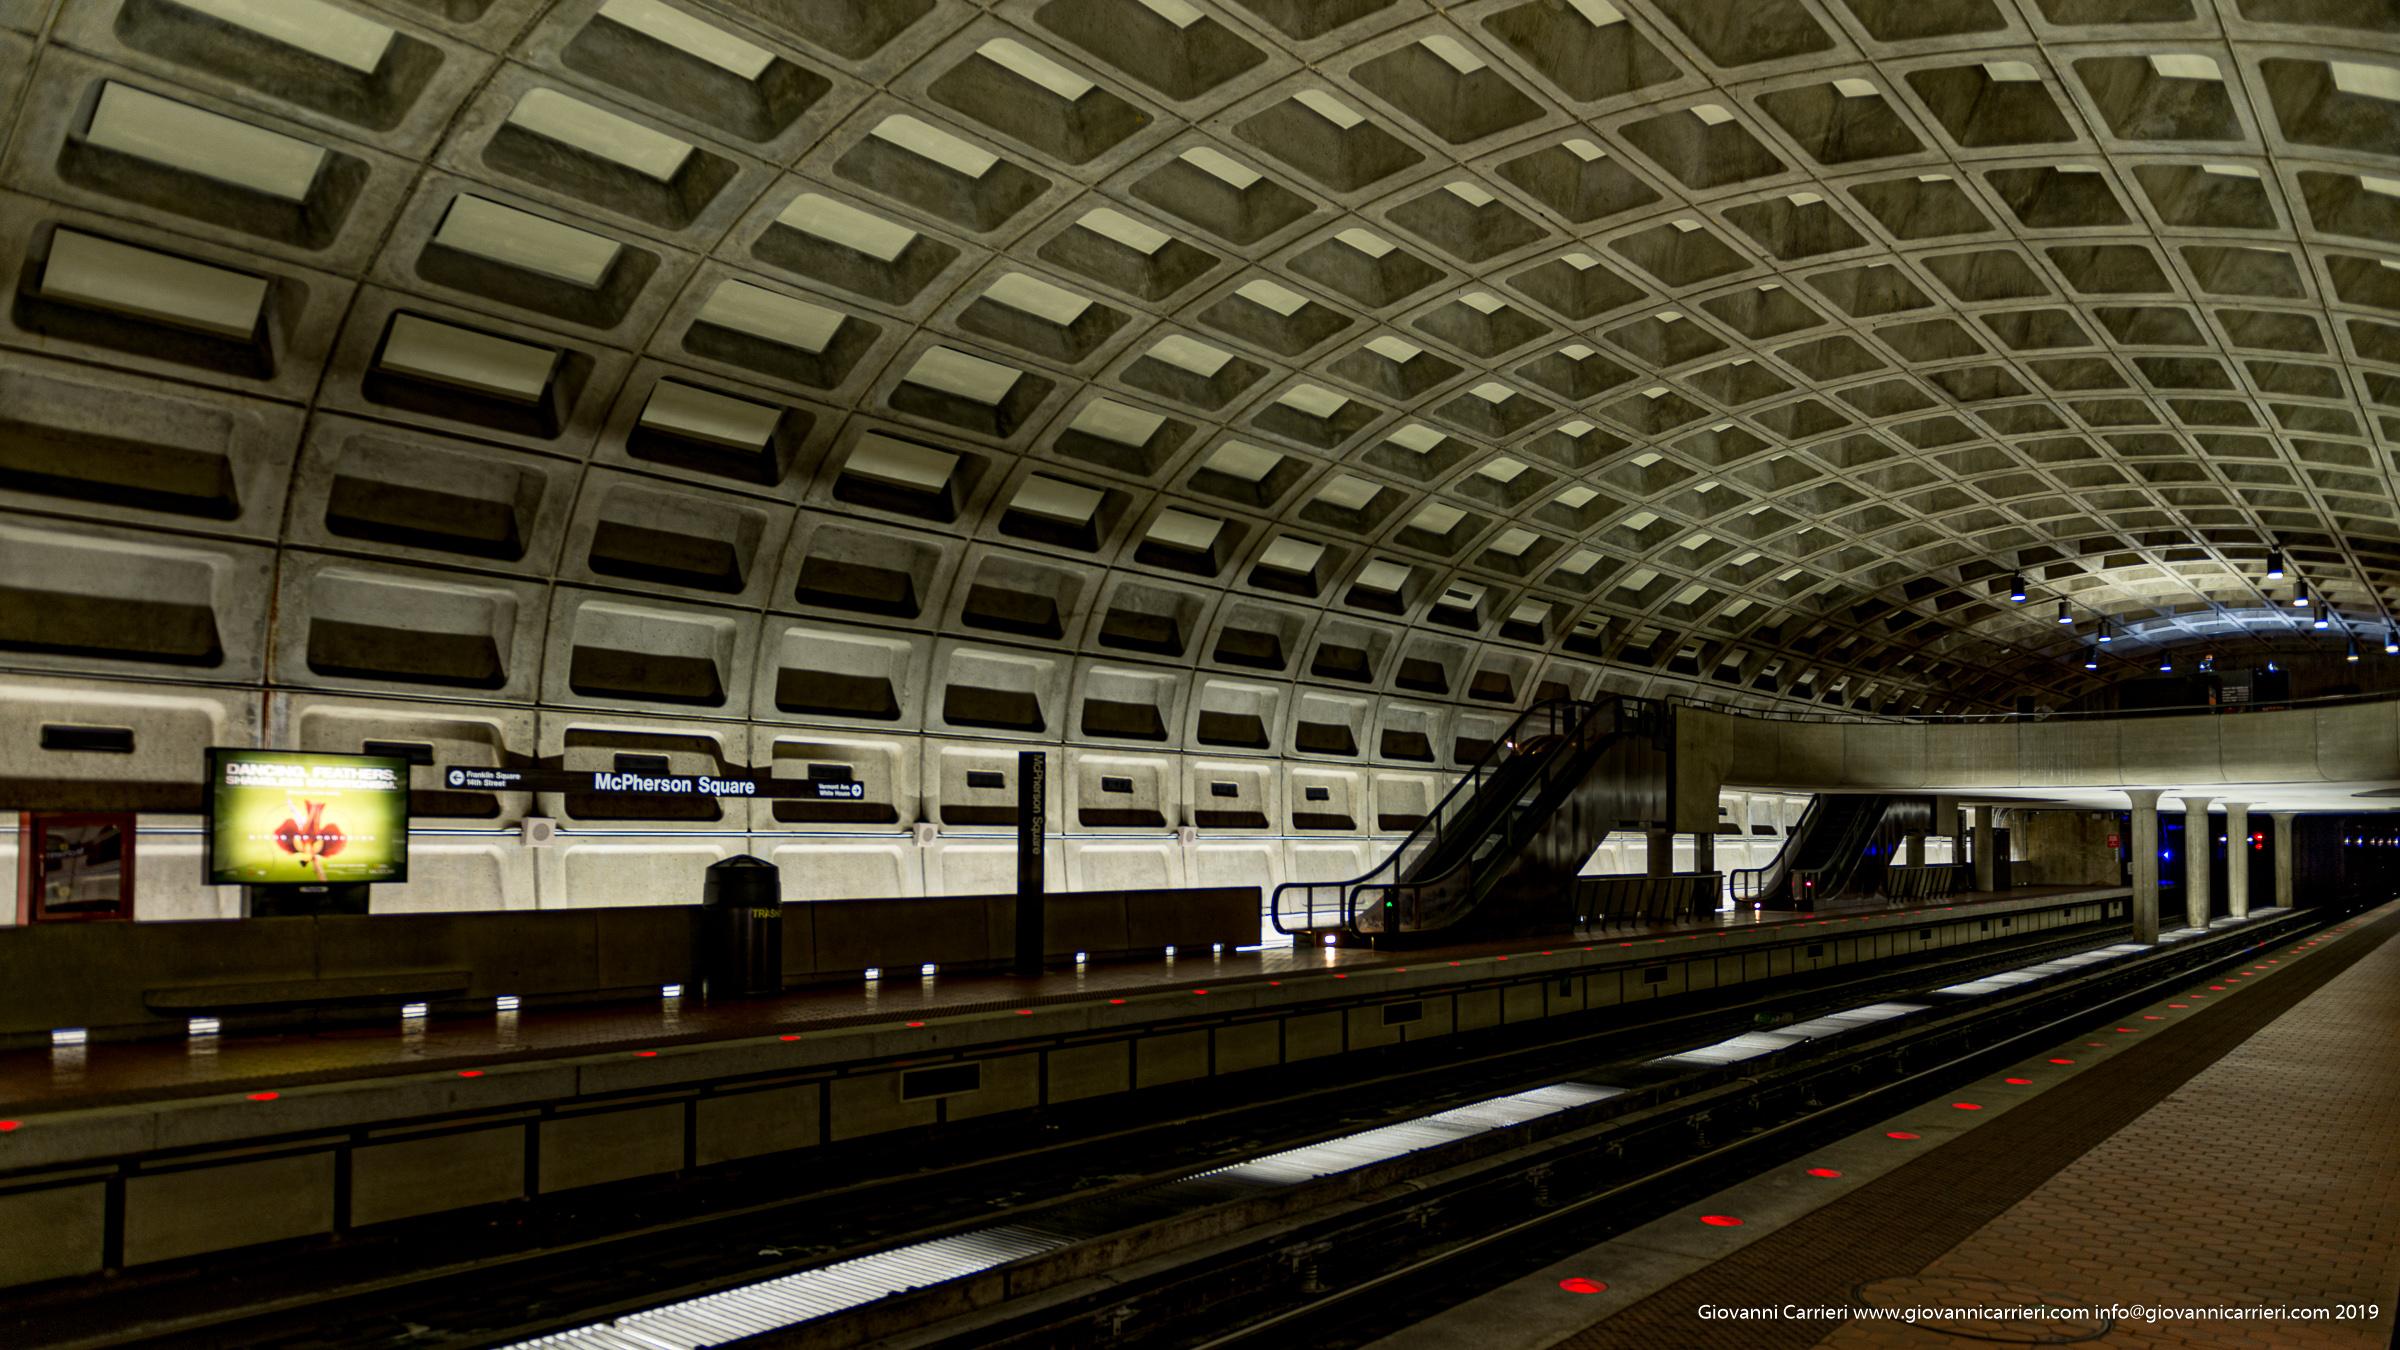 La stazione della metropolitana McPherson